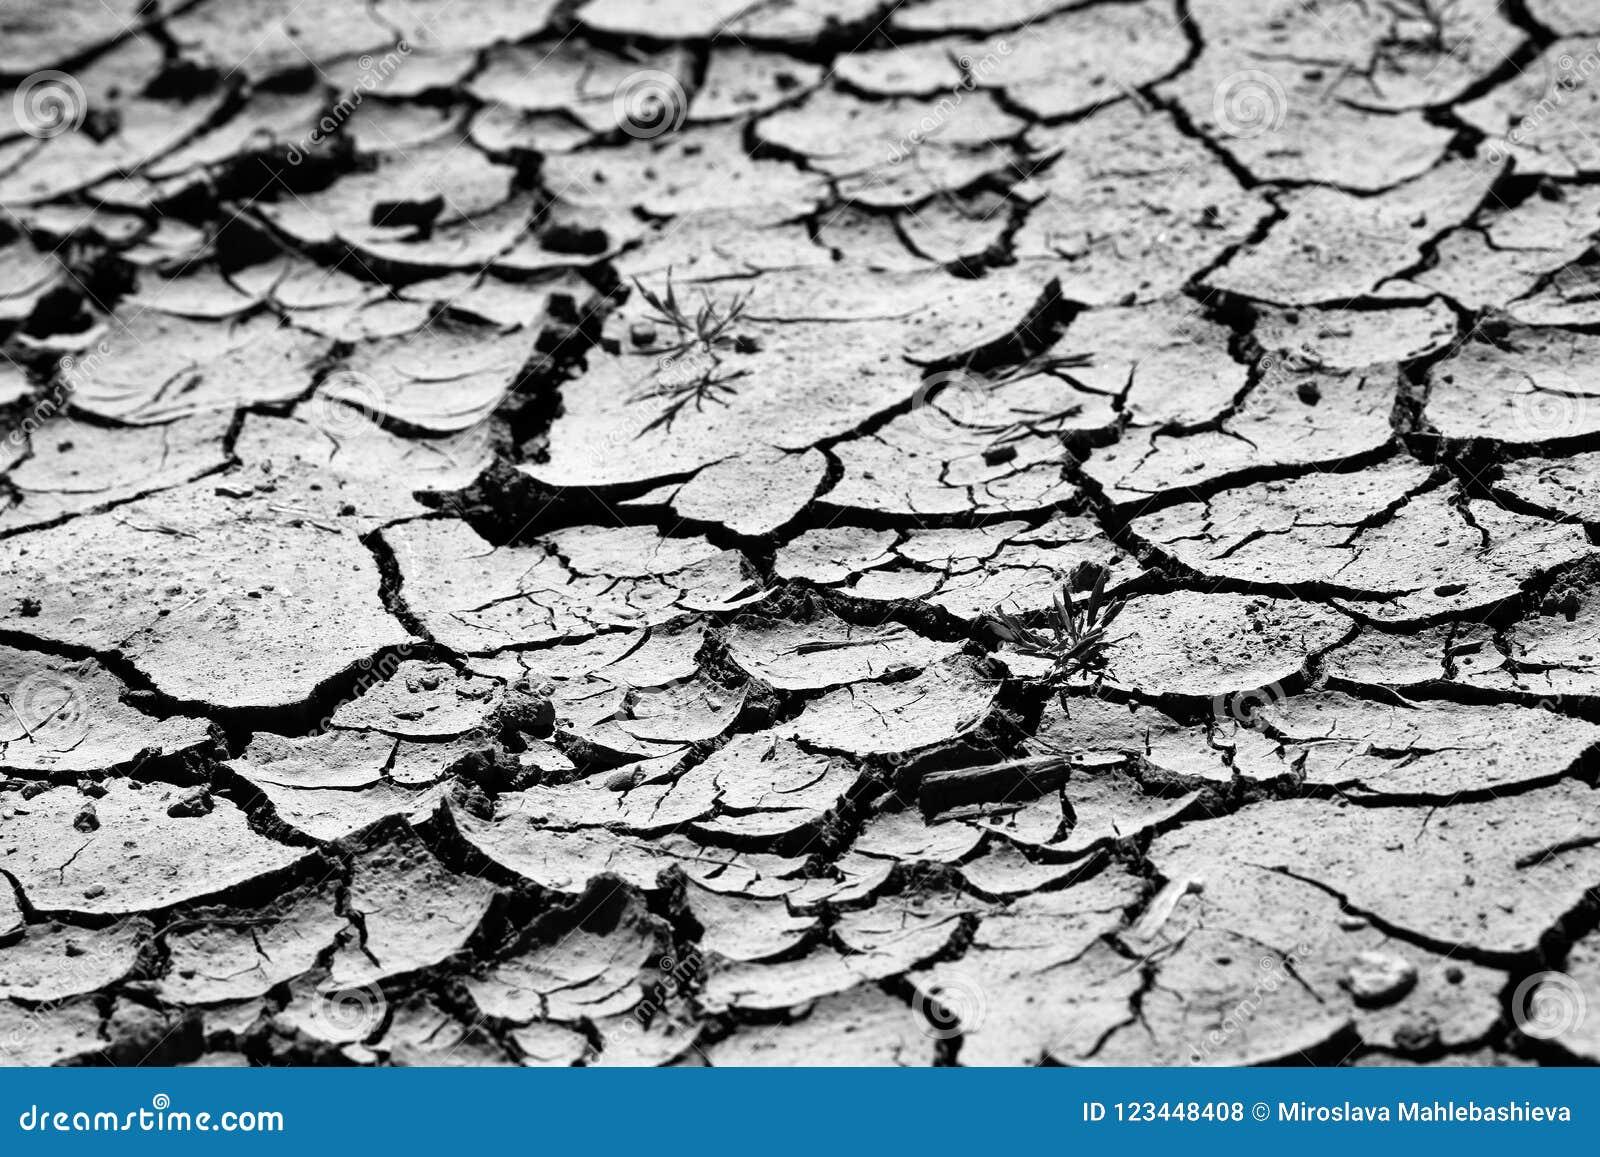 Schließen Sie oben von der Grundbeschaffenheit des extrem trockenen, gebrochenen Bodens in Schwarzweiss